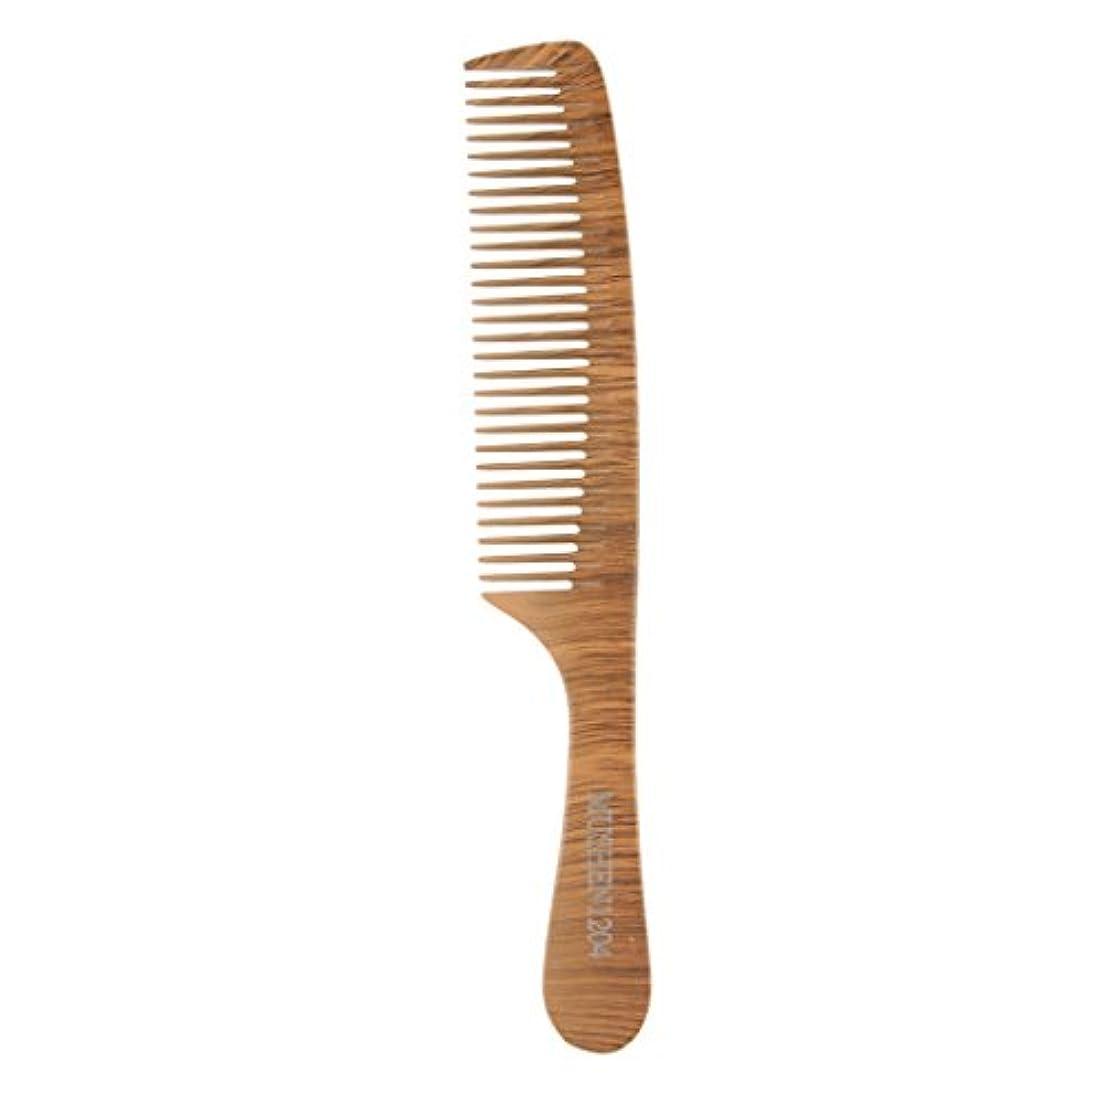 持っている適度なニコチン木の理髪のスタイリングの櫛、大広間およびホテルのヘアケアツールのための頑丈な細かい歯の毛の櫛 - 1204